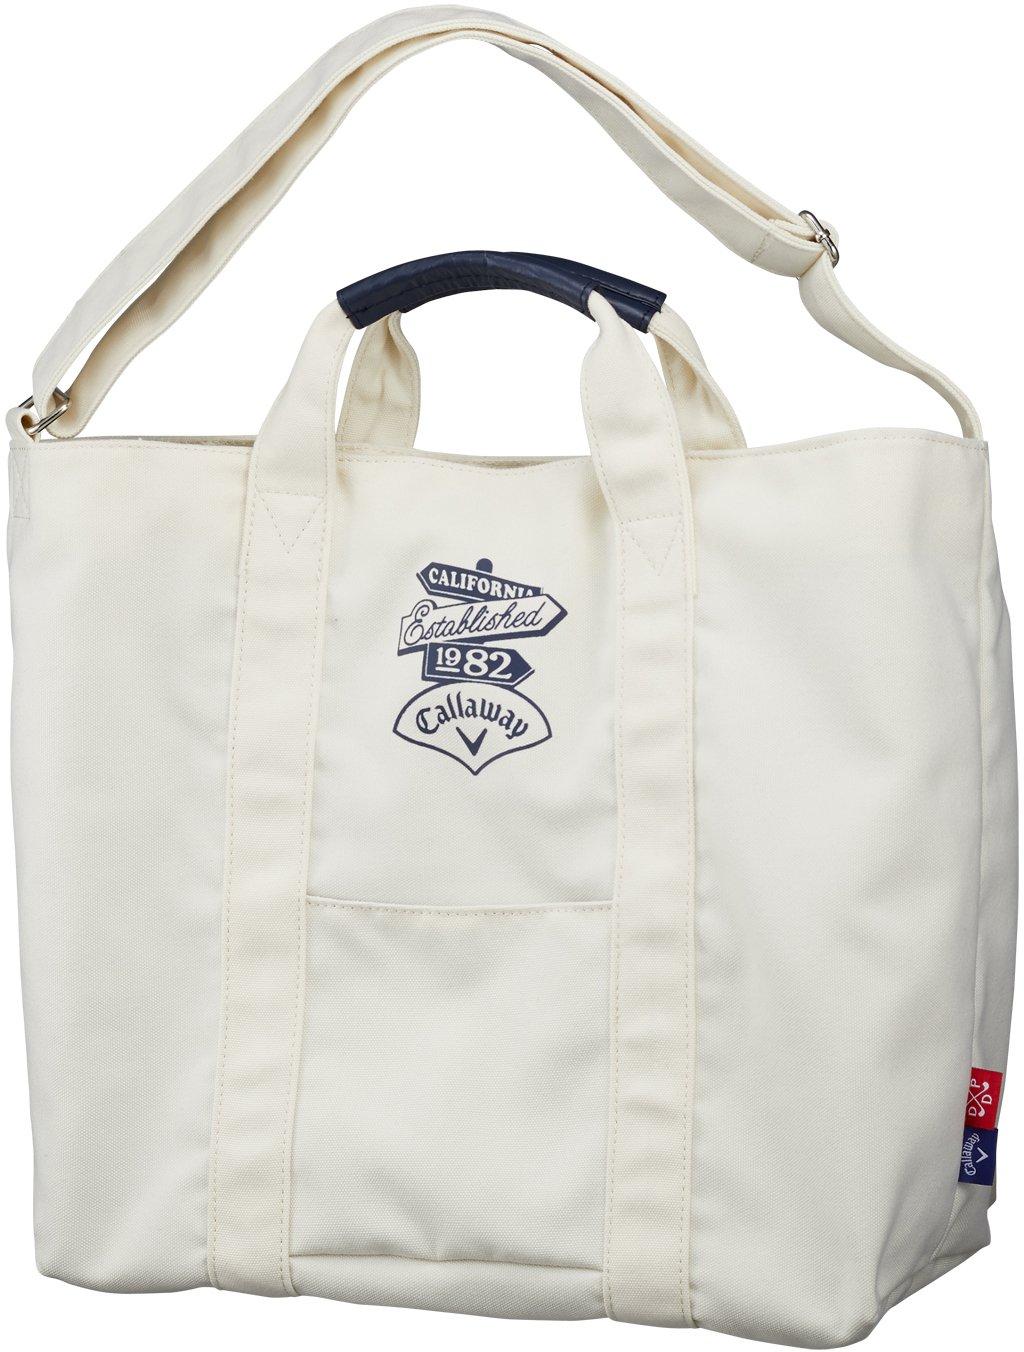 【完売】  キャロウェイゴルフ TR Callaway Golf ボストンバッグ ホワイト TR GT-II トートバッグ B07CKY5KXK B07CKY5KXK ホワイト ホワイト, 【本物新品保証】:6b8f95fc --- afisc.net